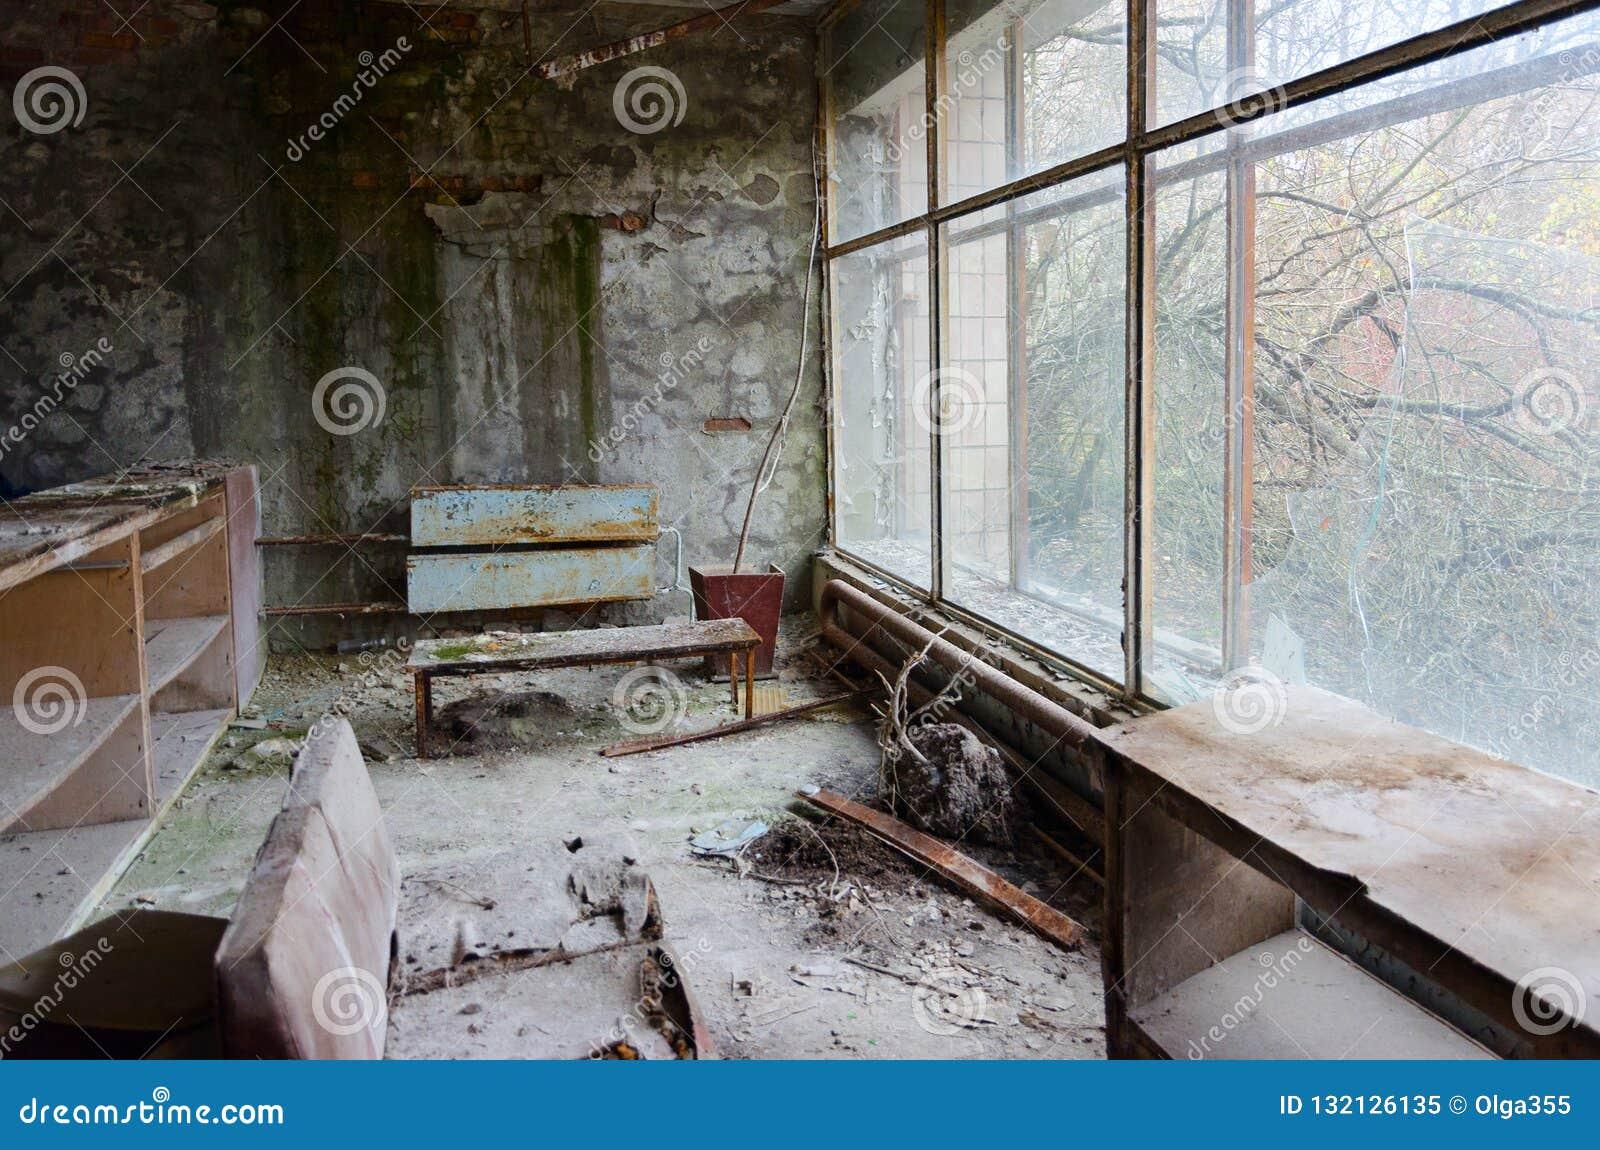 Zniszczenie w sali Żadny szpital 126, zaniechany miasto widmo Pripyat w Chernobyl niedopuszczenia strefie, Ukraina